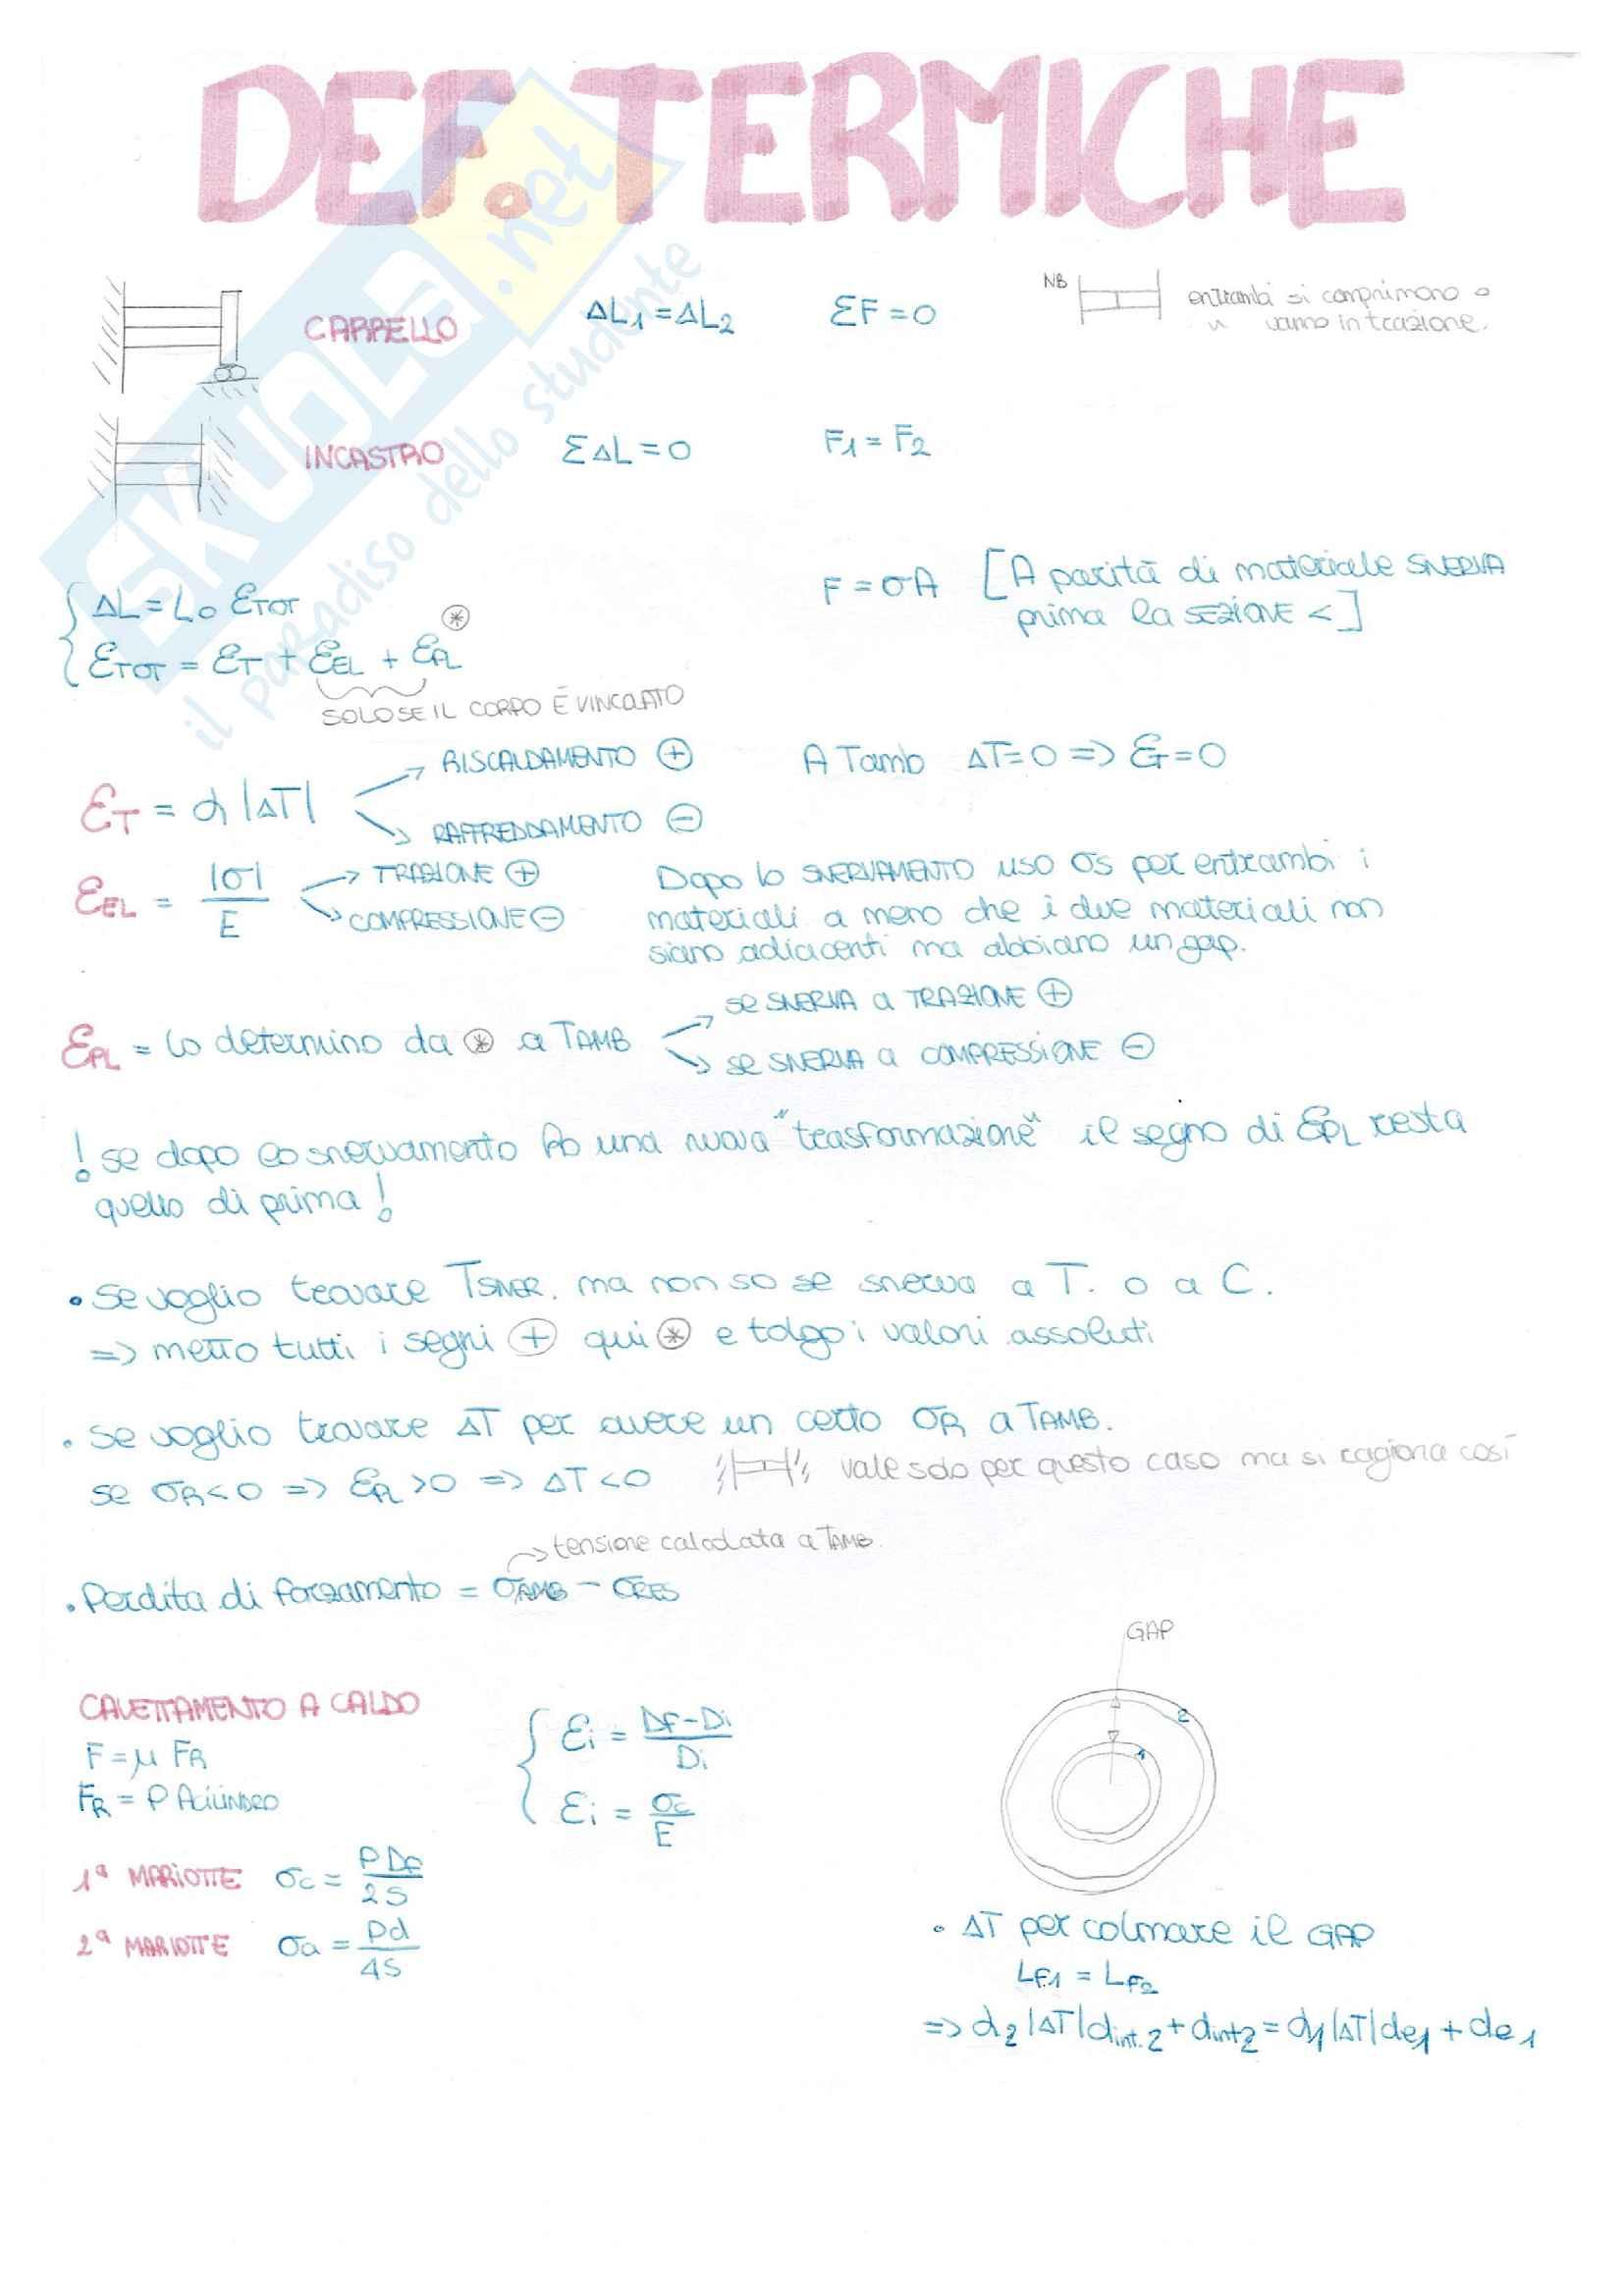 Costruzione di macchine - schemi per risolvere esercizi di esame